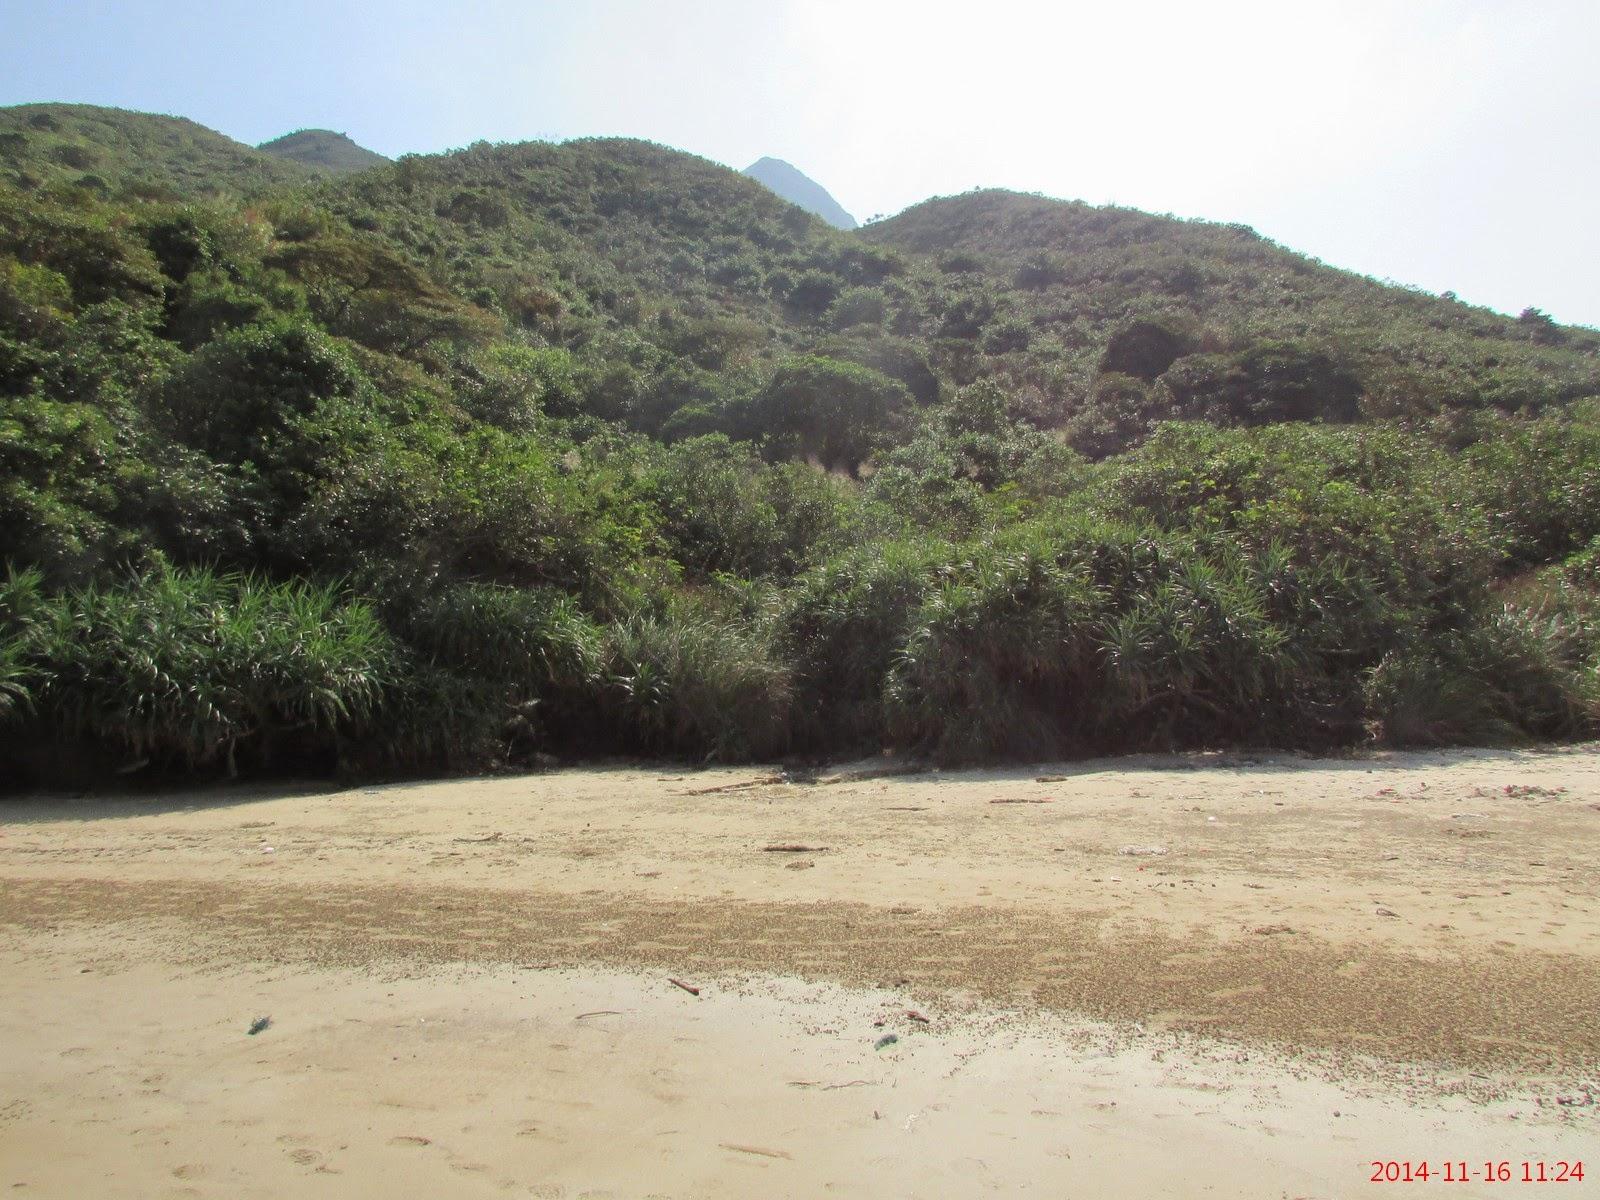 蚺蛇北脊 / 長征短咀 - 行山.海灘.1天短線.特色景點.郊遊 - SeeWide